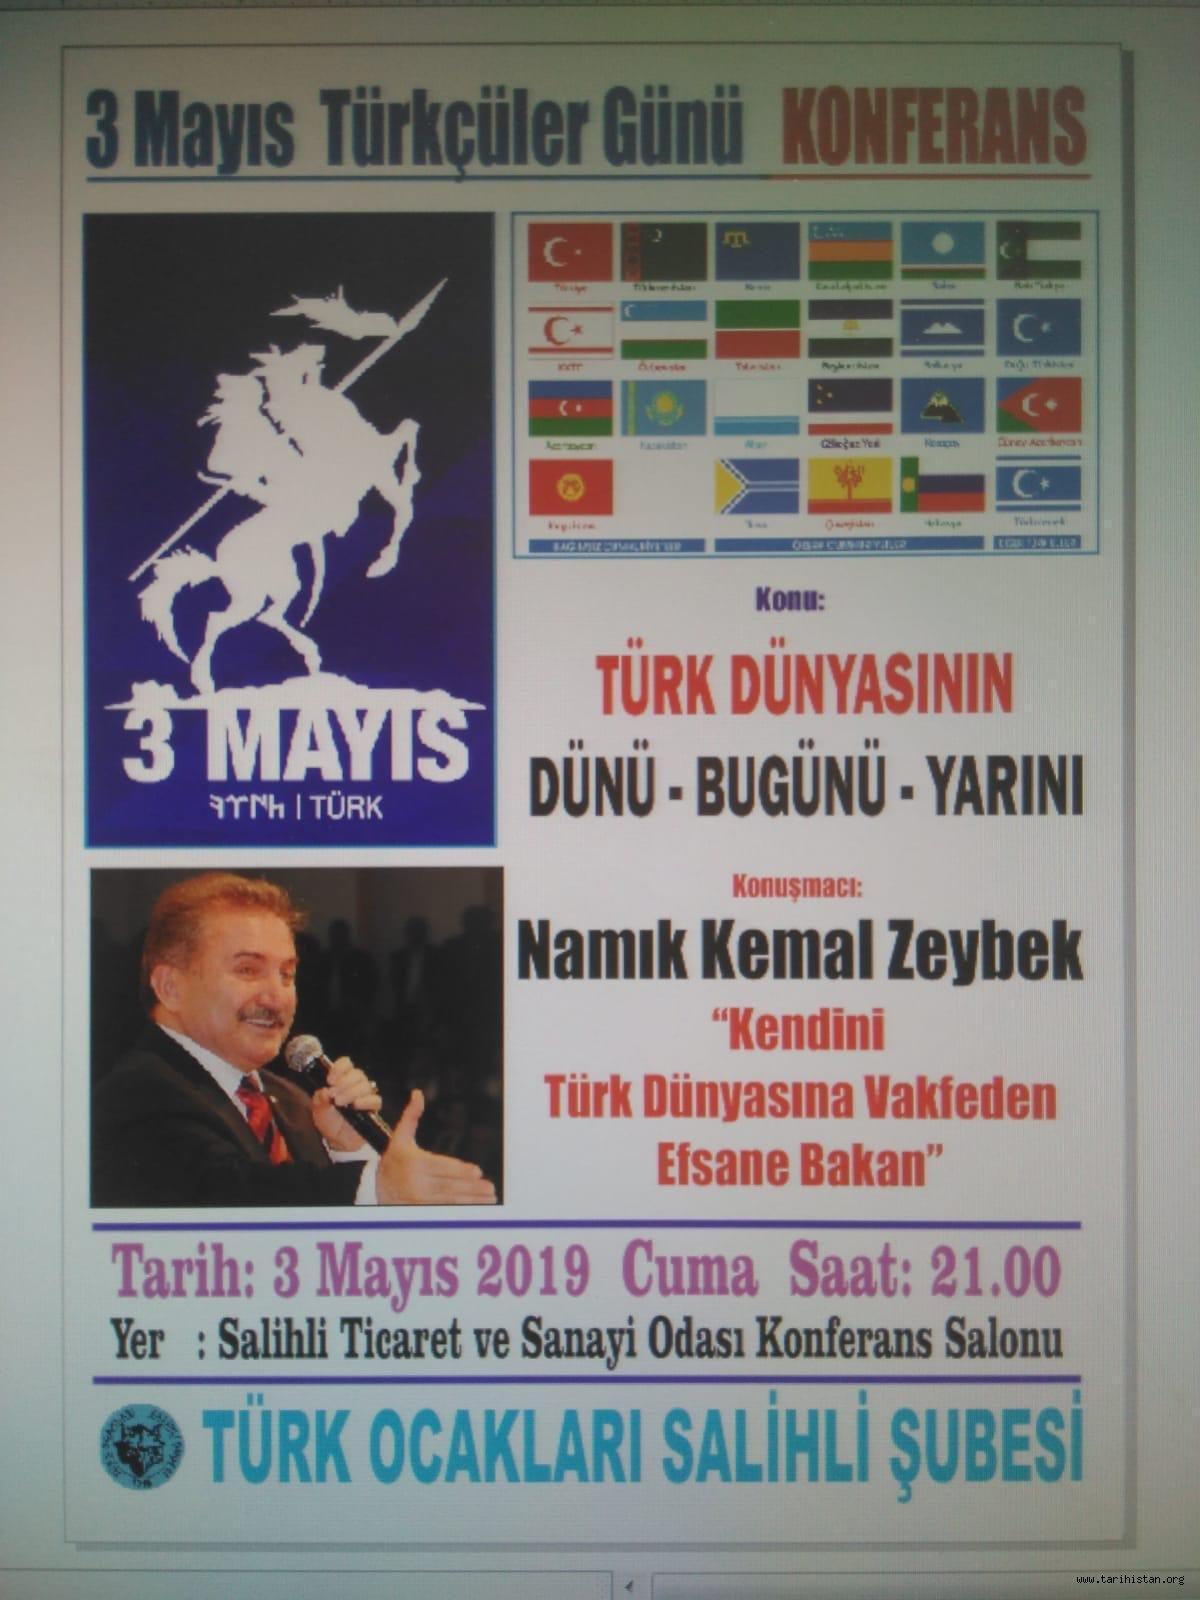 Salihli'de 3 Mayıs Türkçülük Günü Programı